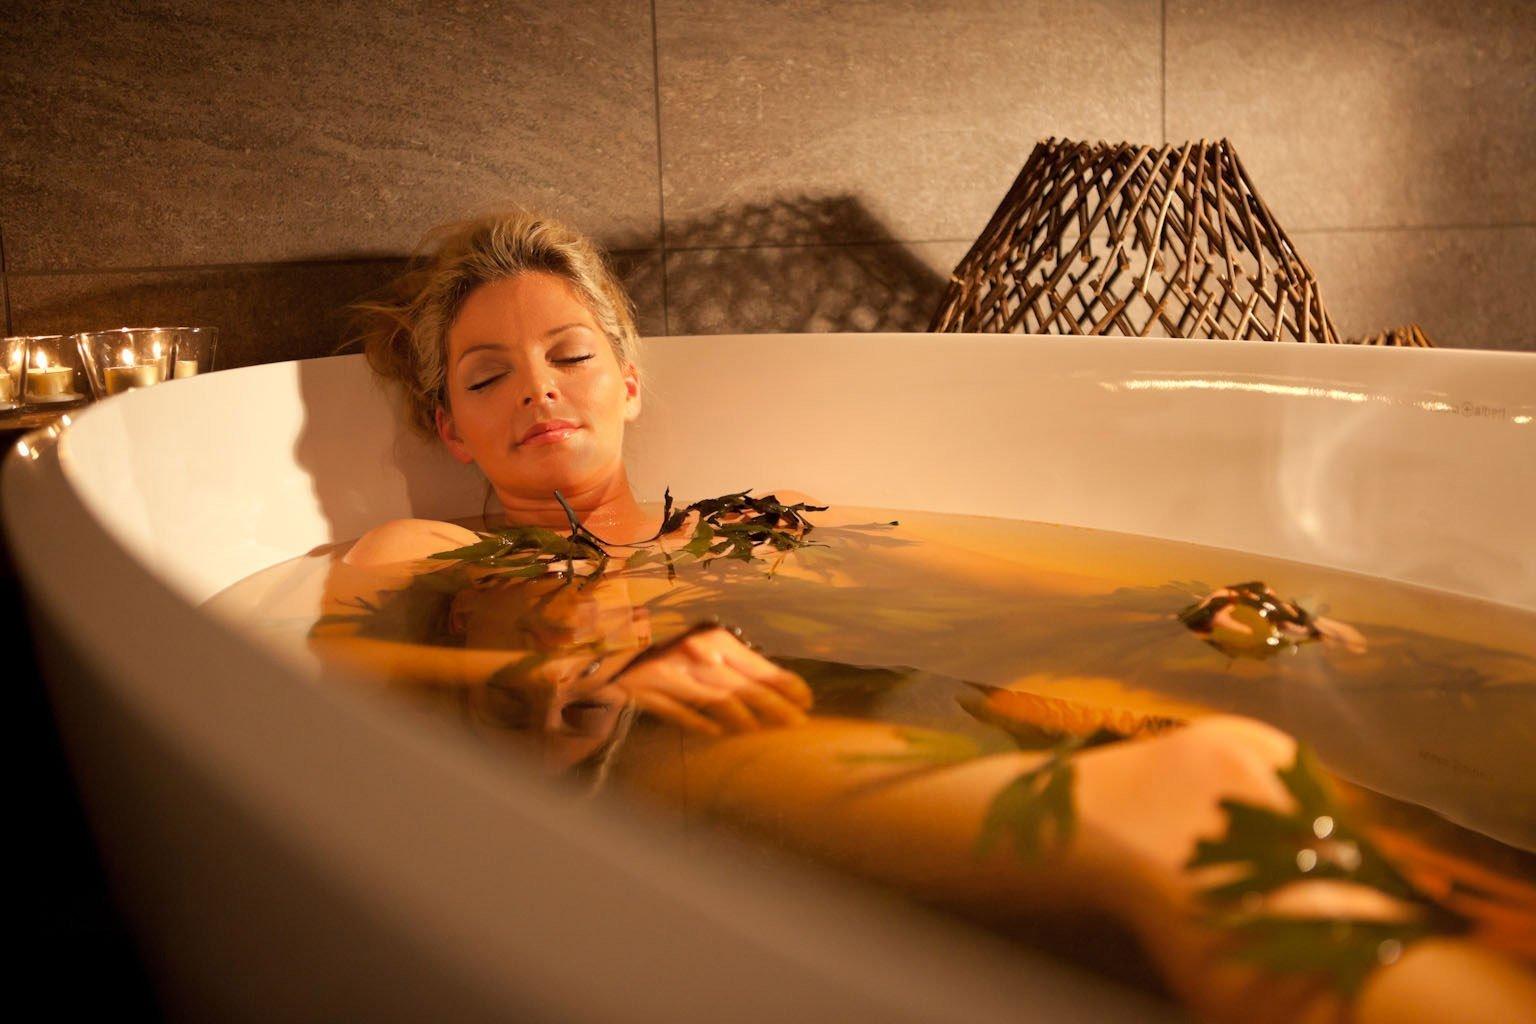 Скипидарные ванны: эффект и польза